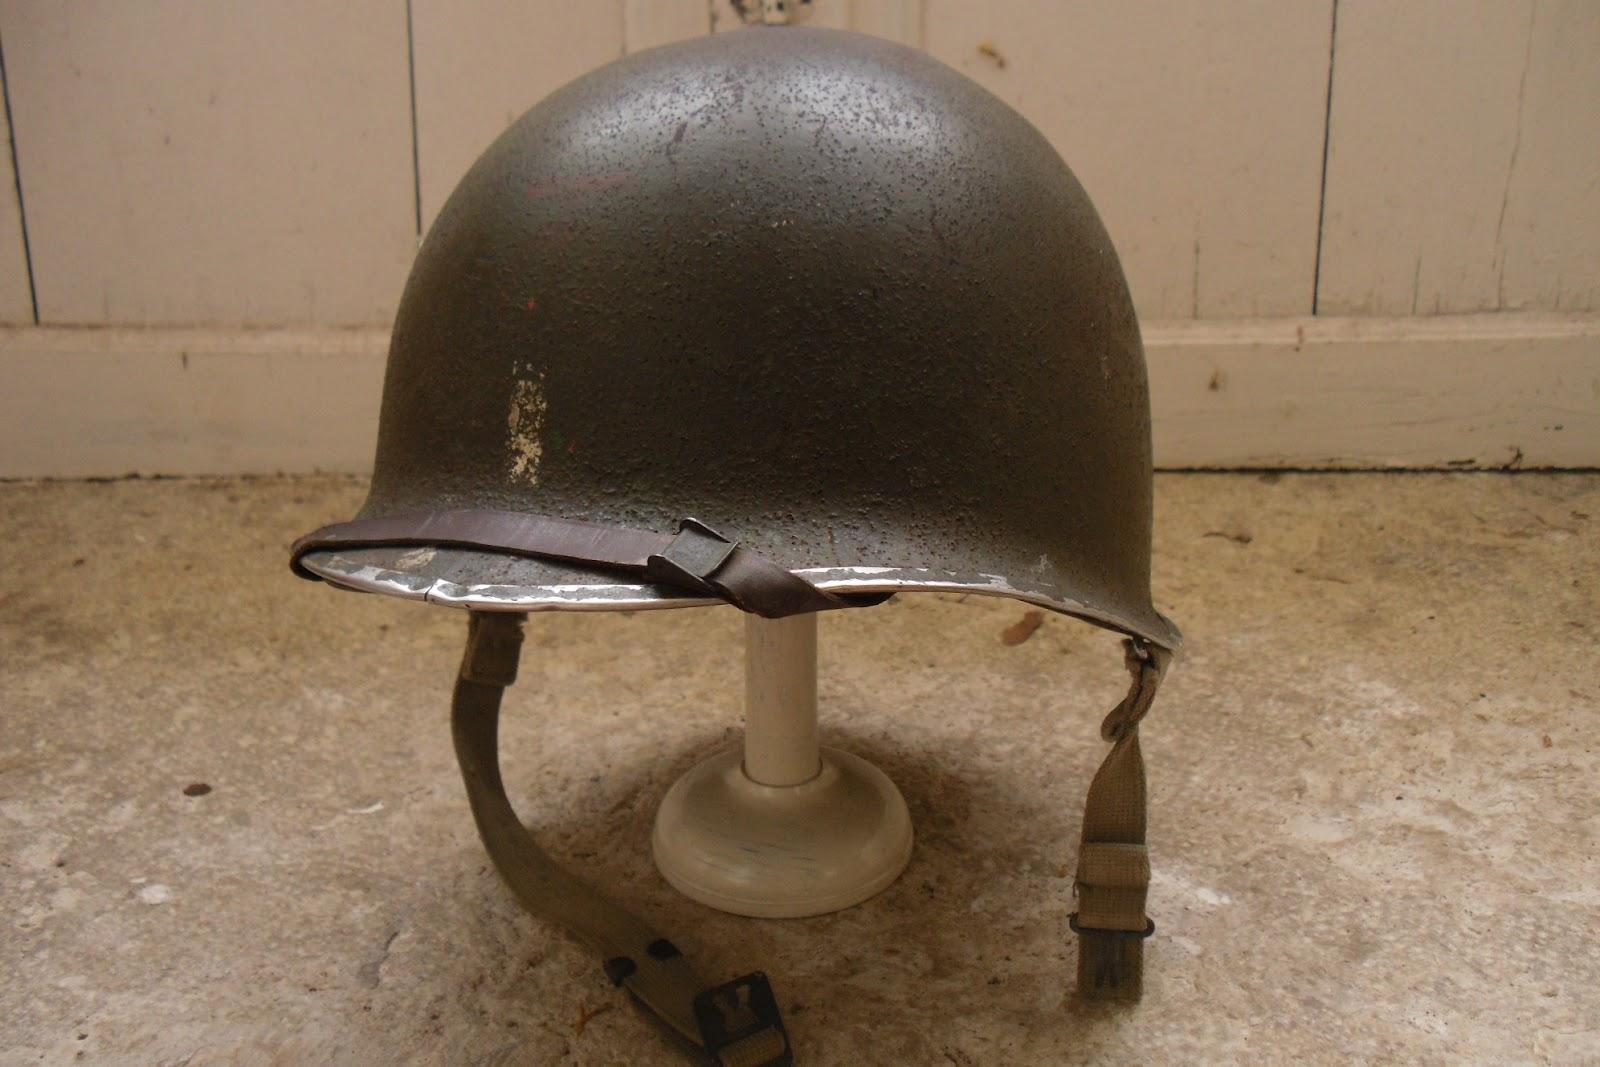 Souvenez vous 44 fvrier 2012 2e db leclerc 13e genie casque 2e db casque m1 francais free french helmet wwii frenche helmet m1 french helmet altavistaventures Choice Image